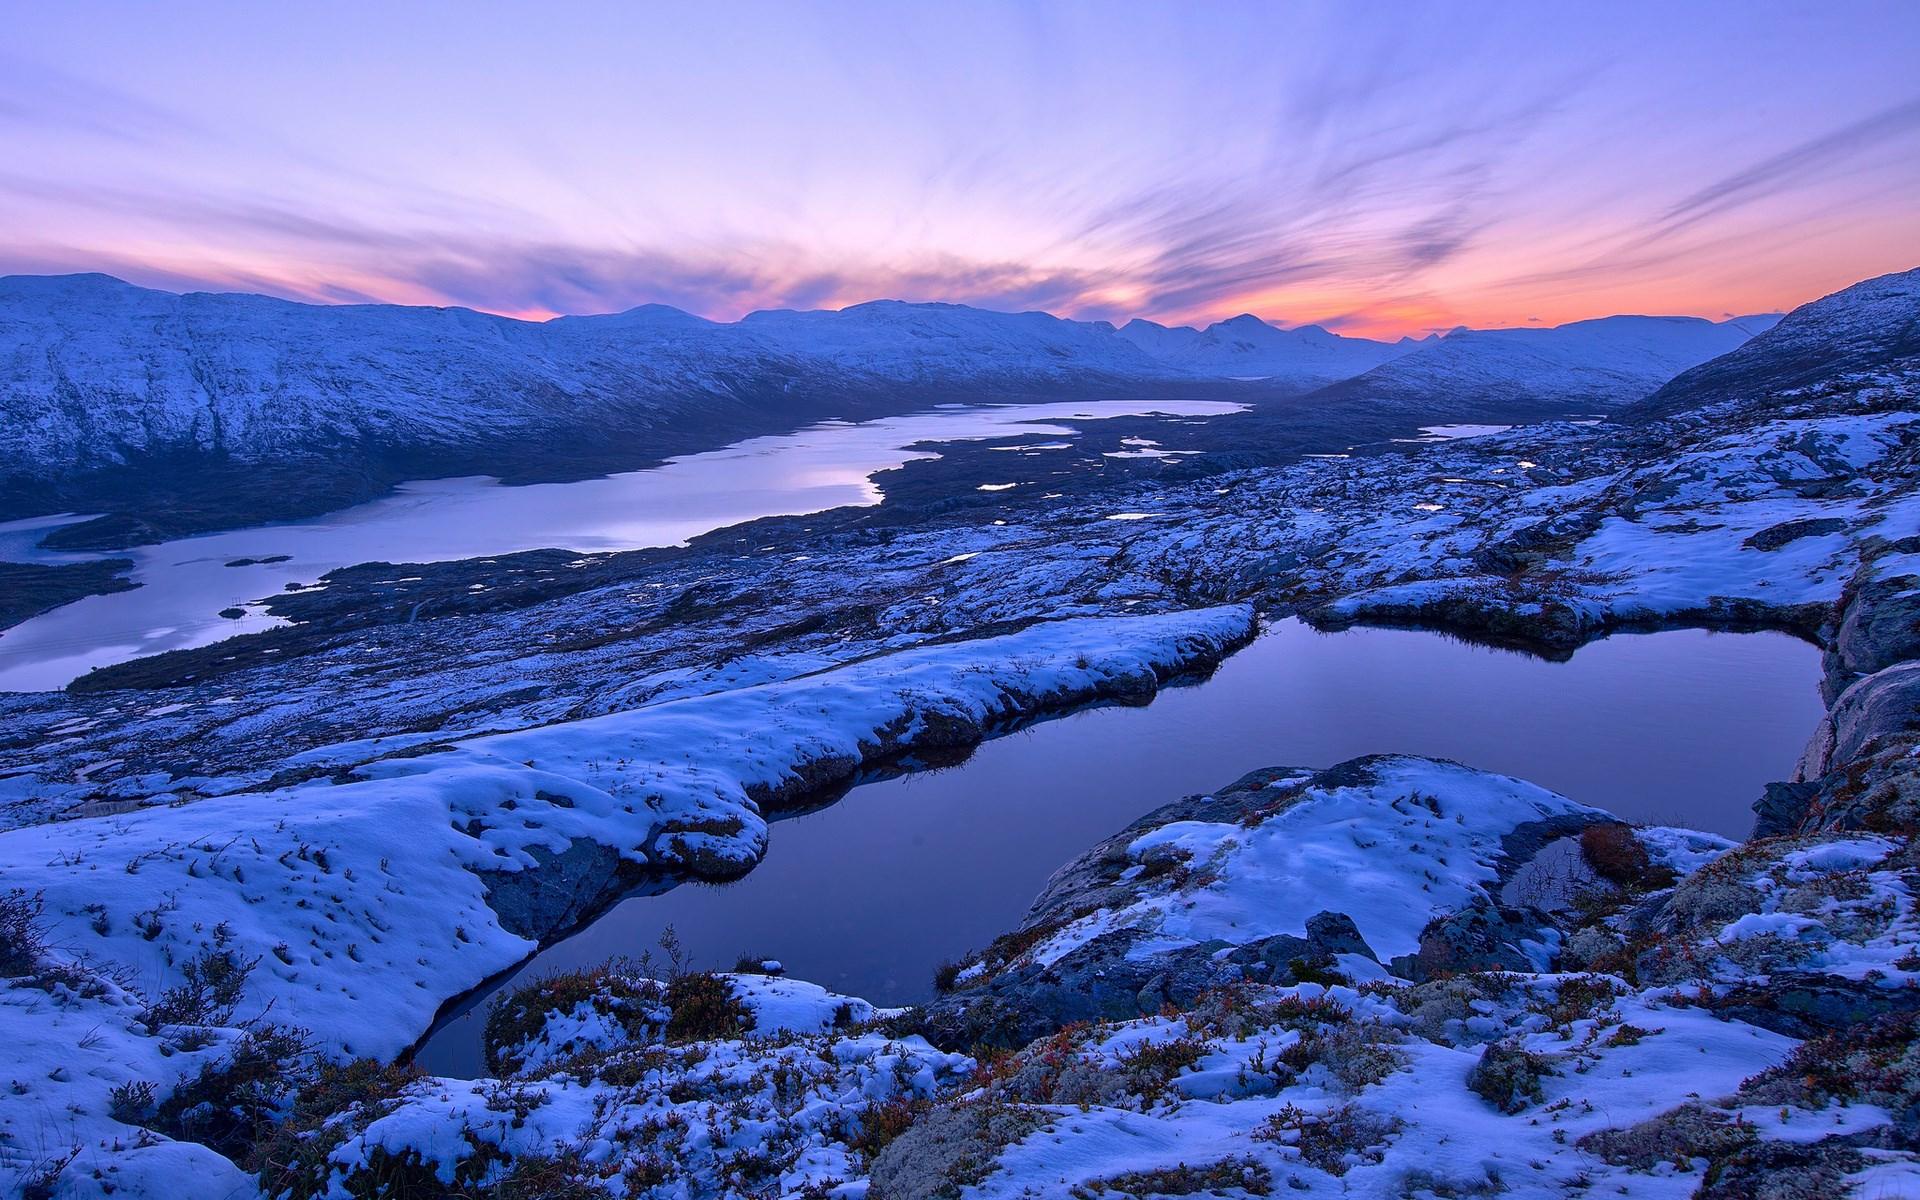 عکس های پس زمینه زیبا از فصل زمستان